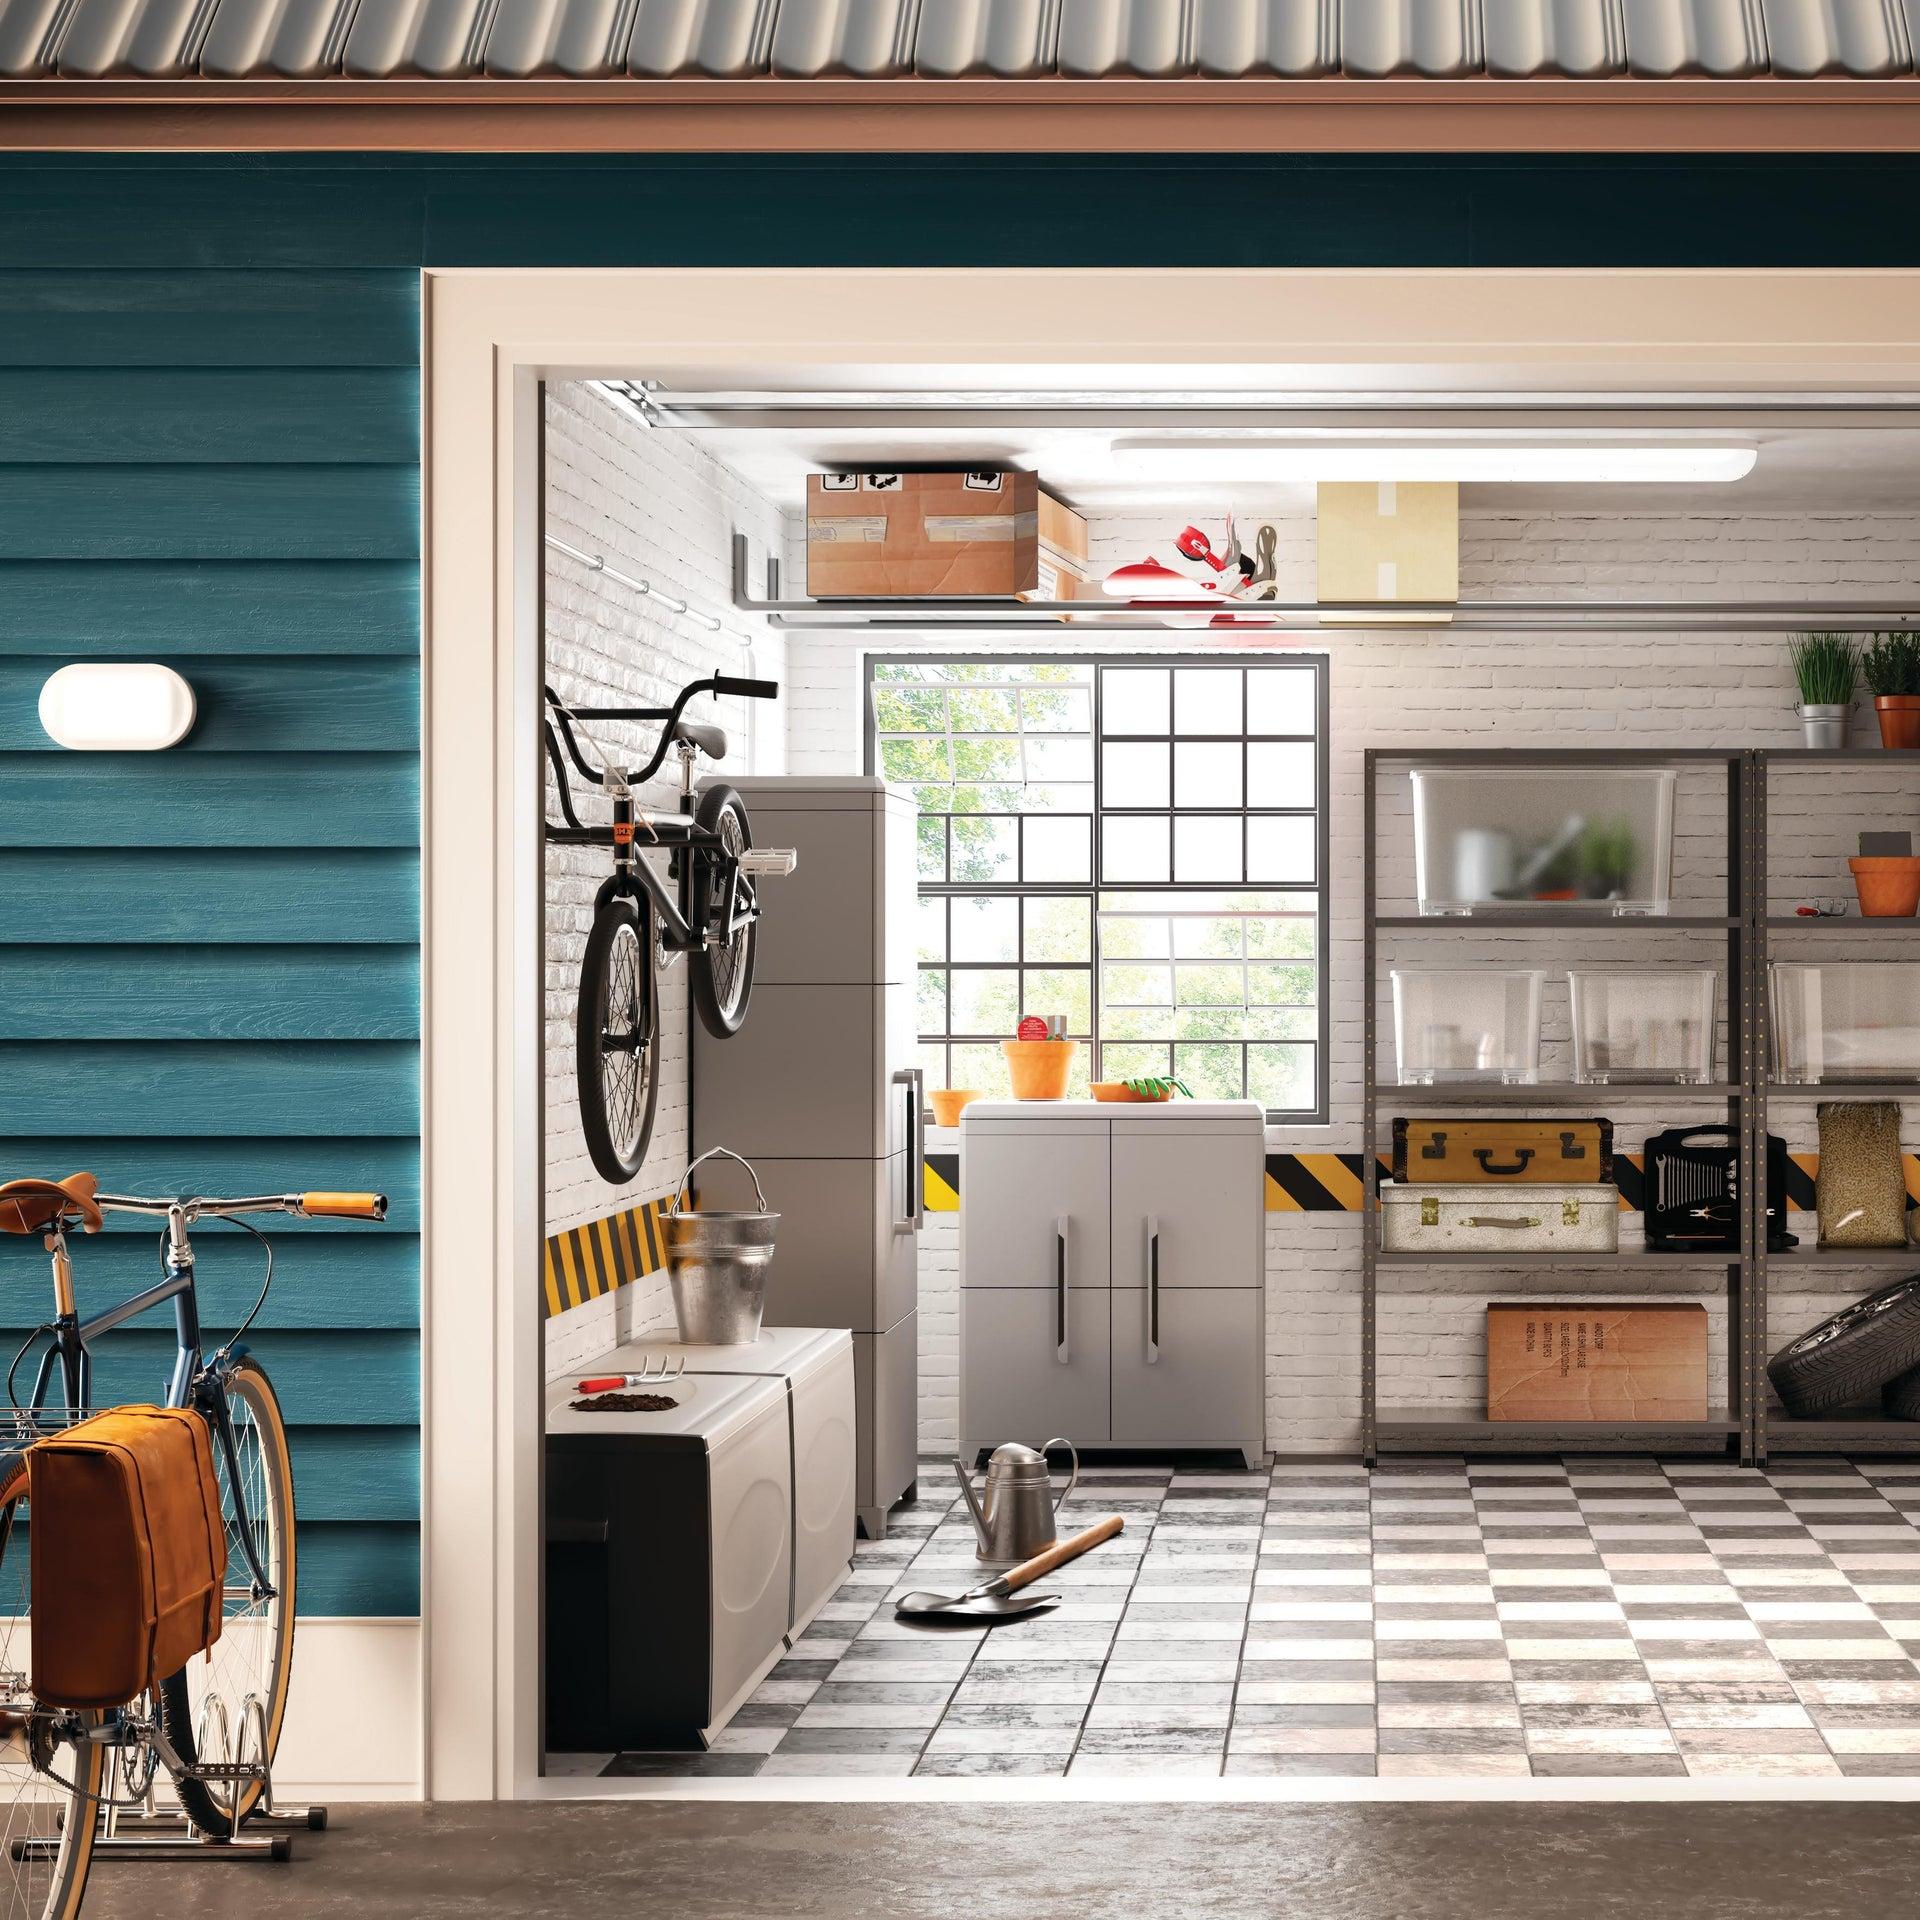 Supporto bicicletta per 2 posti L 370 x H 270 cm - 2